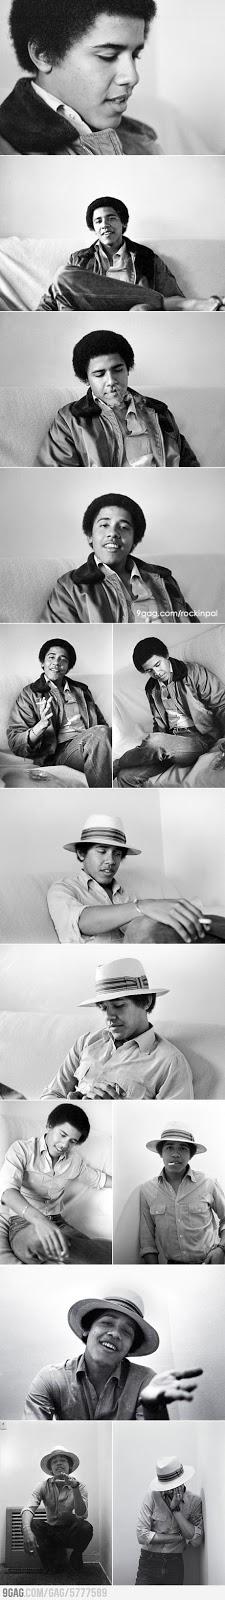 Barack Obama In 1980'S